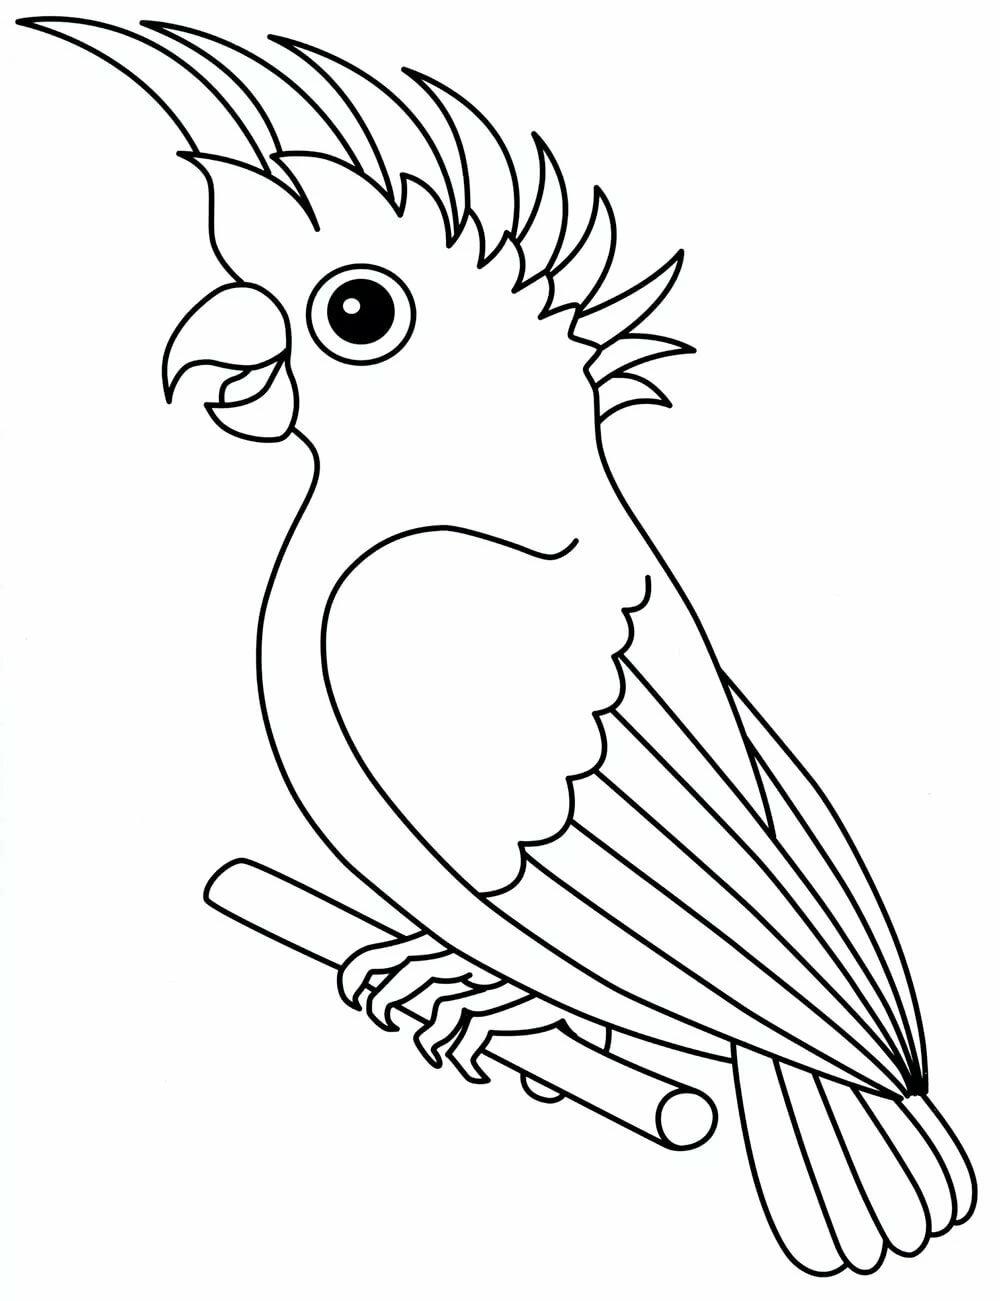 Картинки животных и птиц для детей распечатать, сделать открытку маме